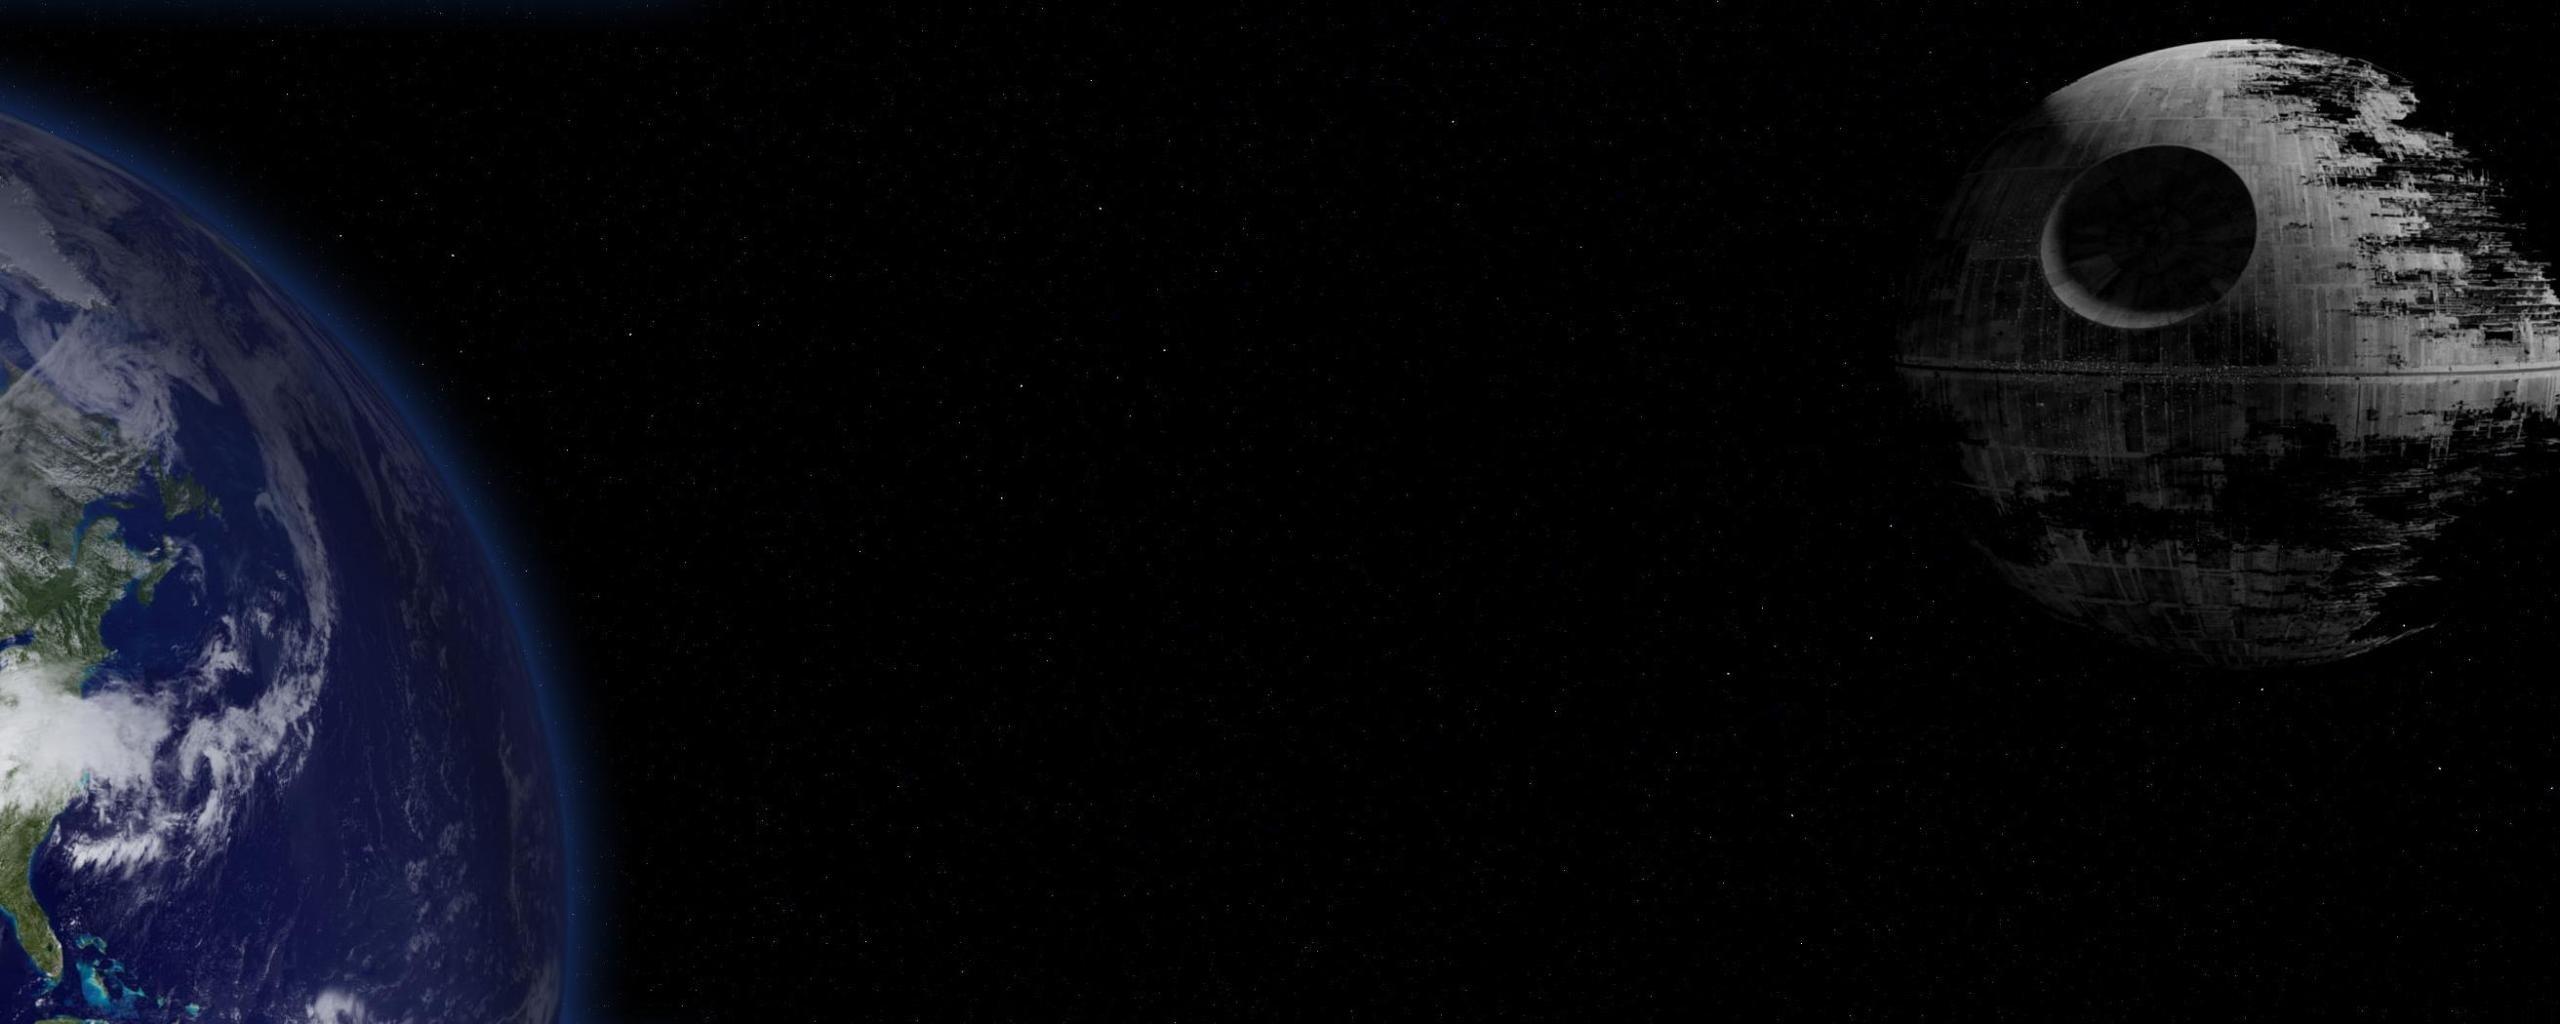 Death Star iPhone Wallpaper WallpaperSafari